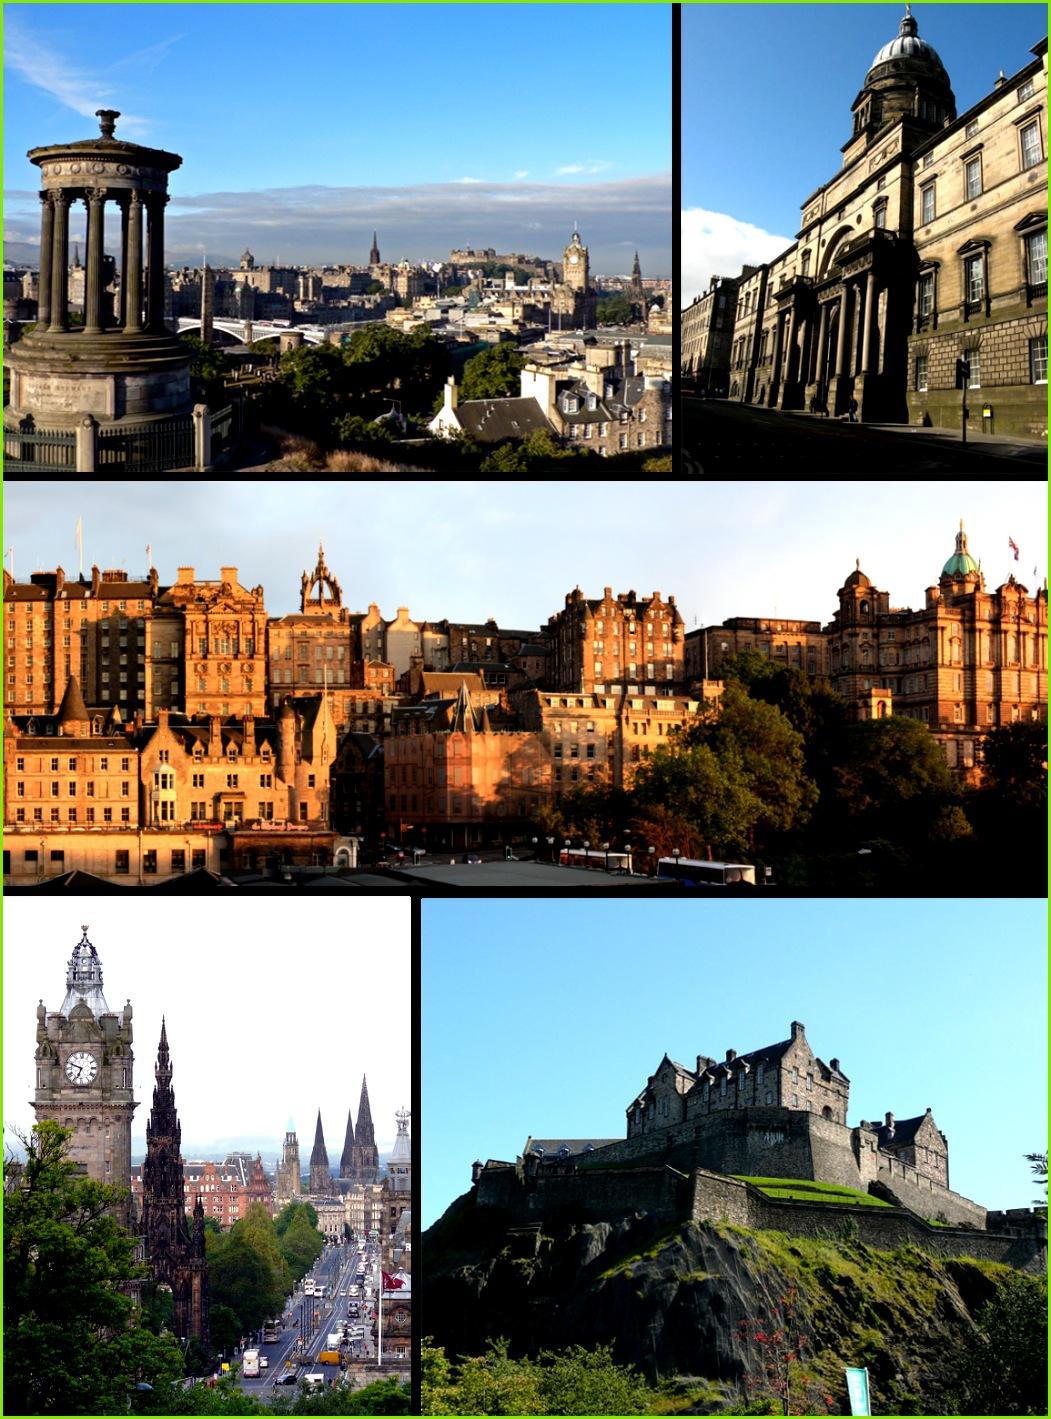 EdinburghMontage